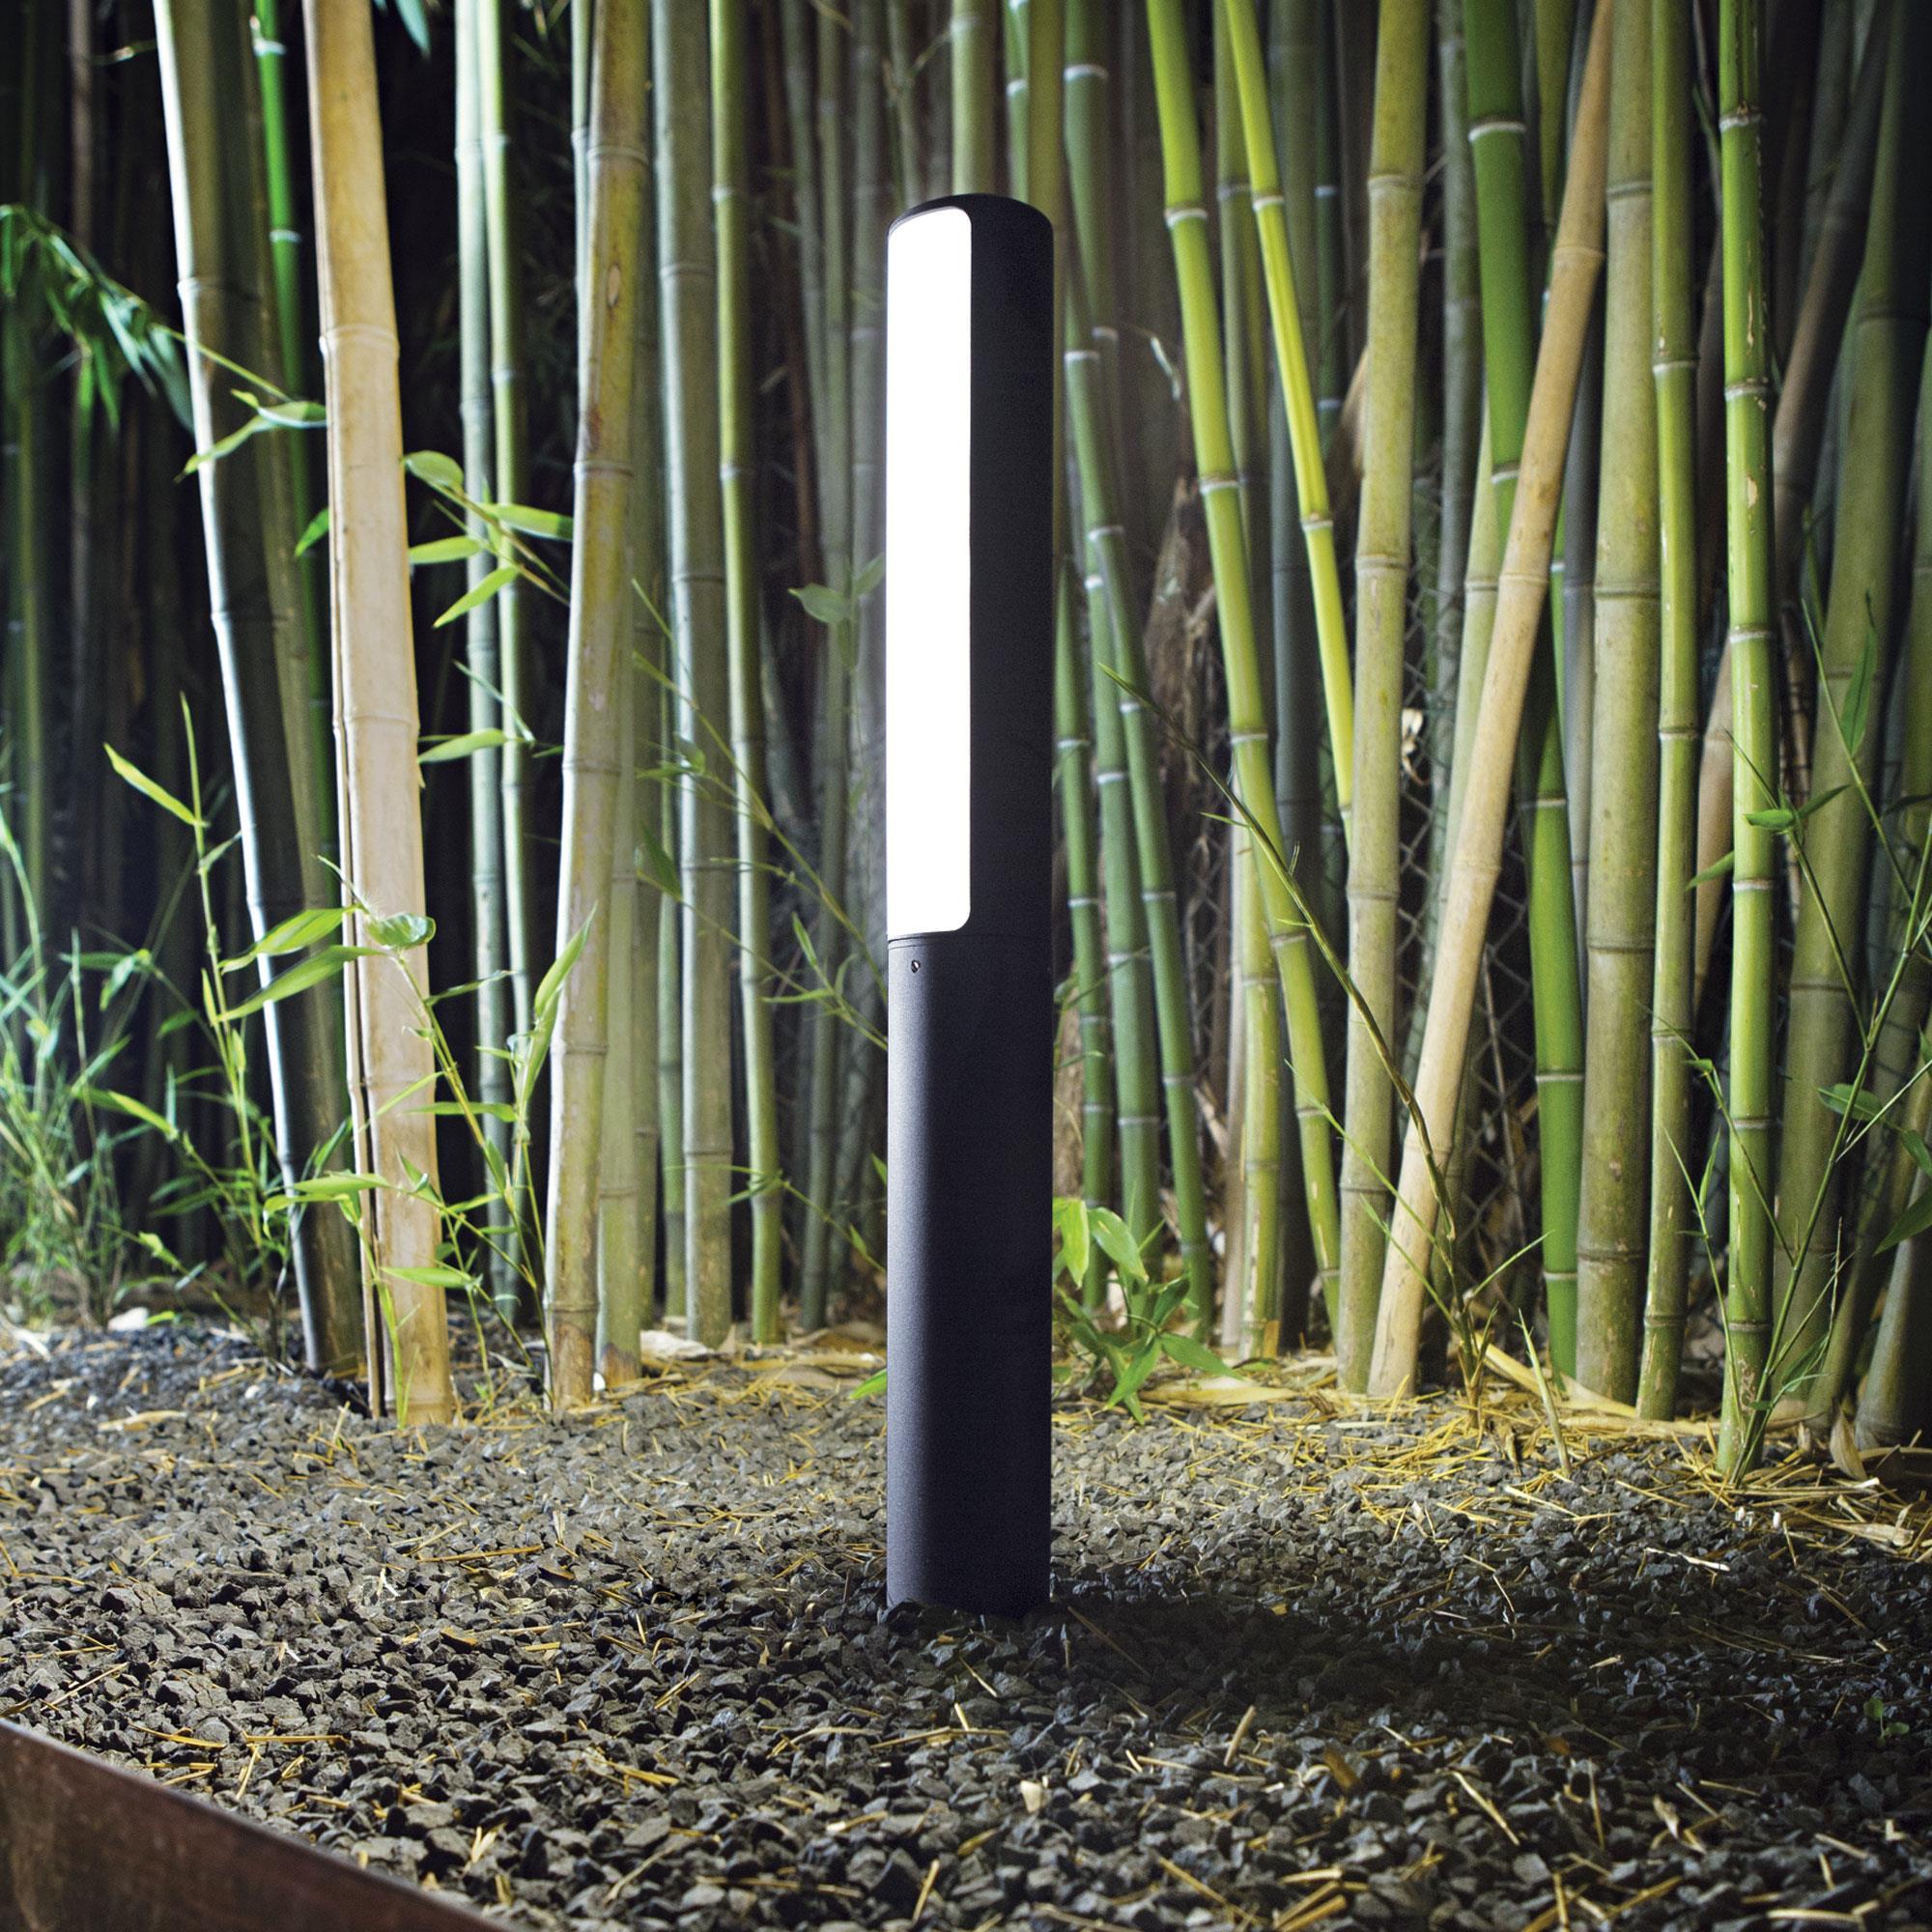 Ideal Lux 172439 ETERE PT1 ANTRACITE LED kültéri állóámpa